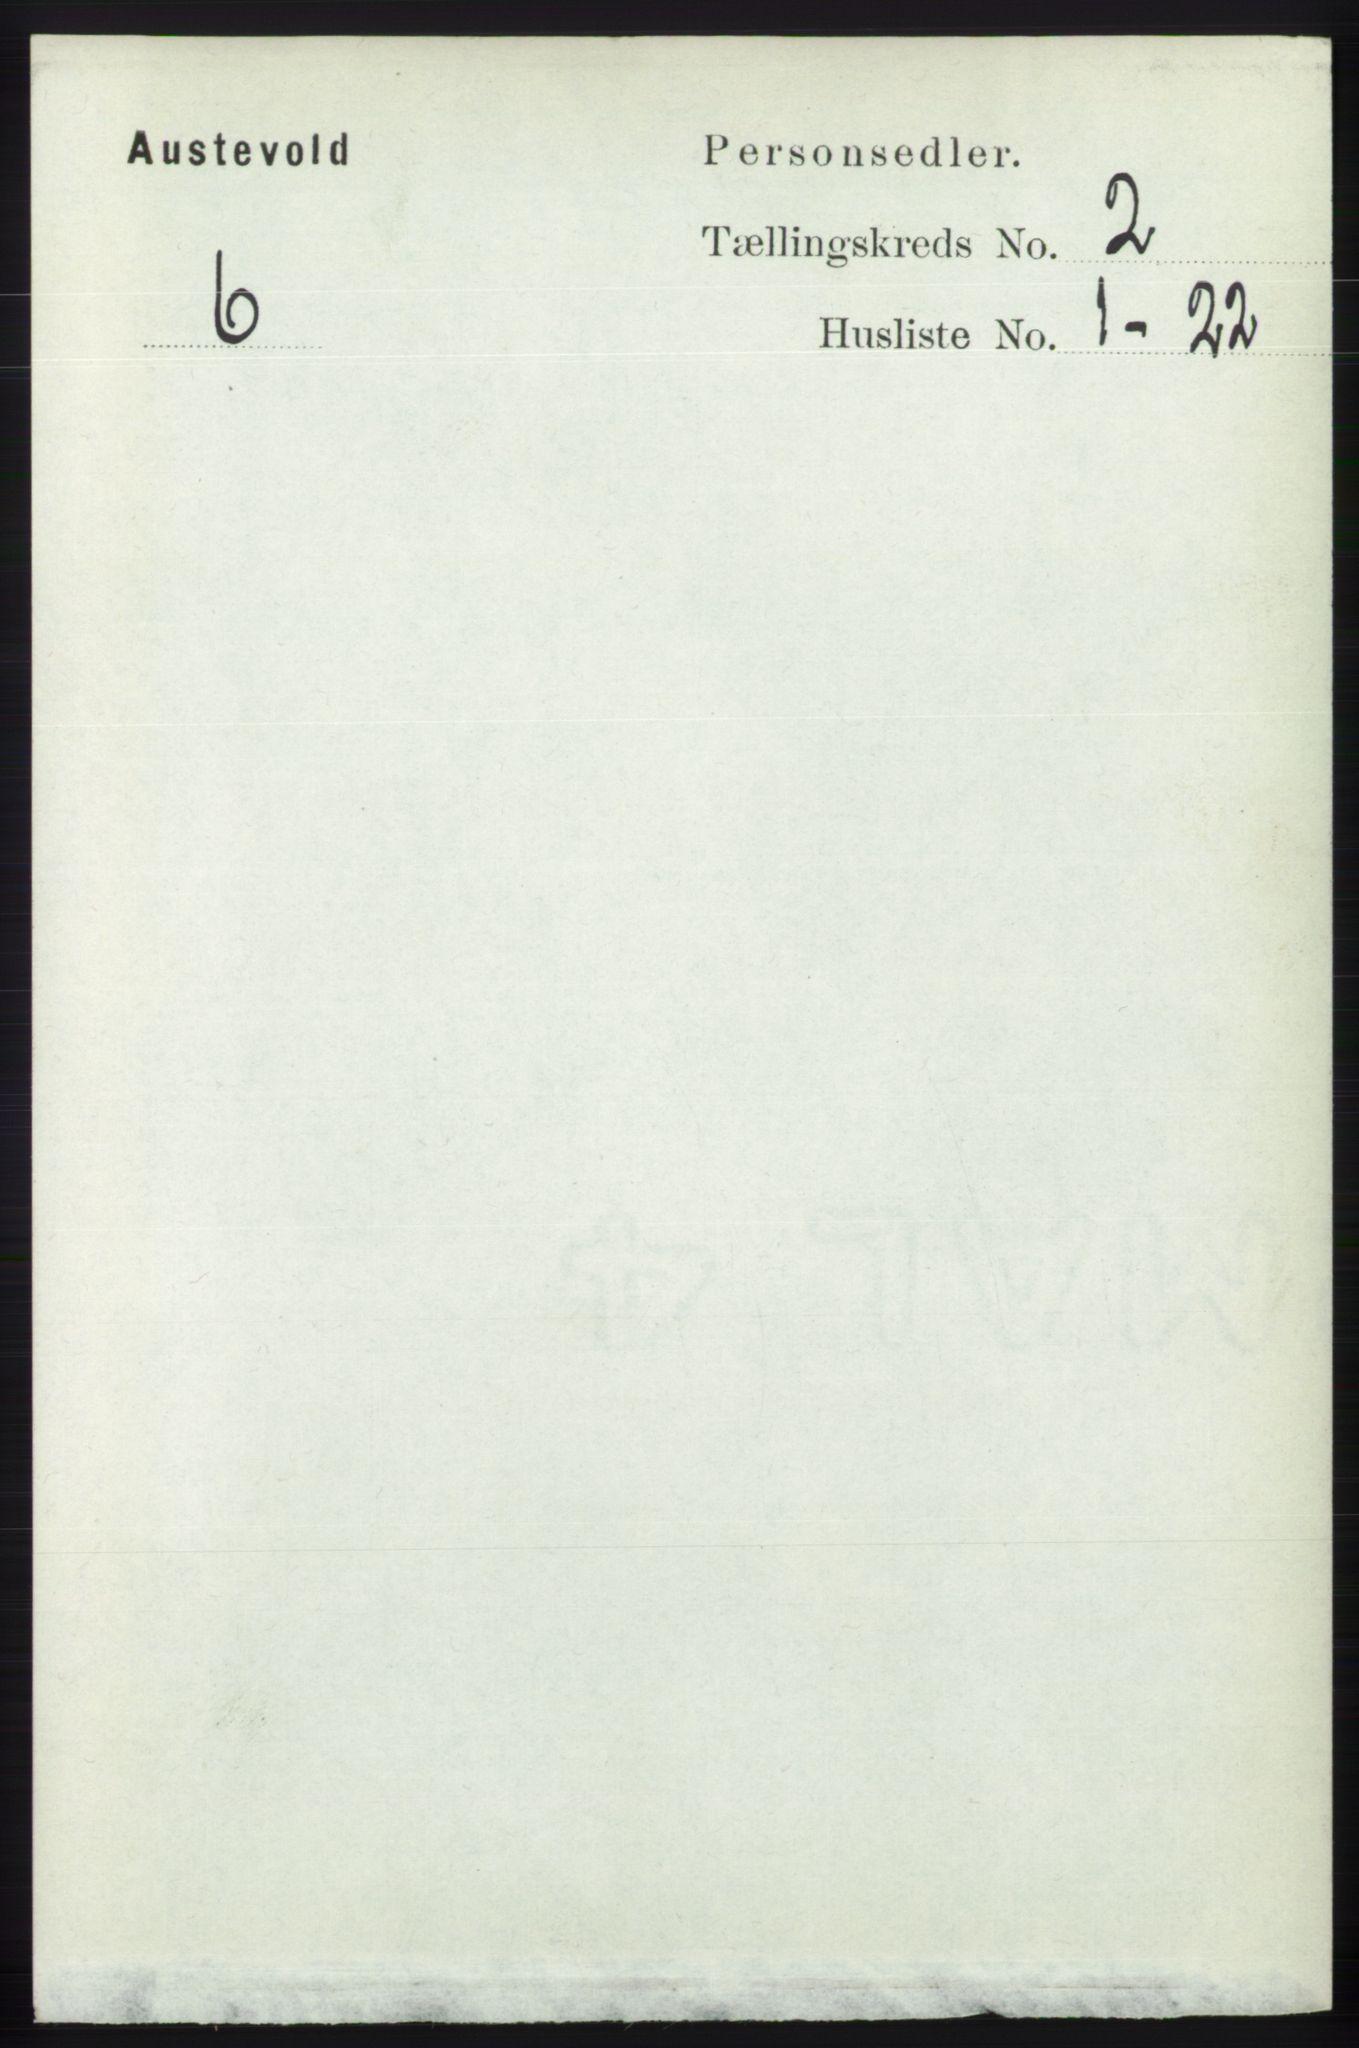 RA, Folketelling 1891 for 1244 Austevoll herred, 1891, s. 613